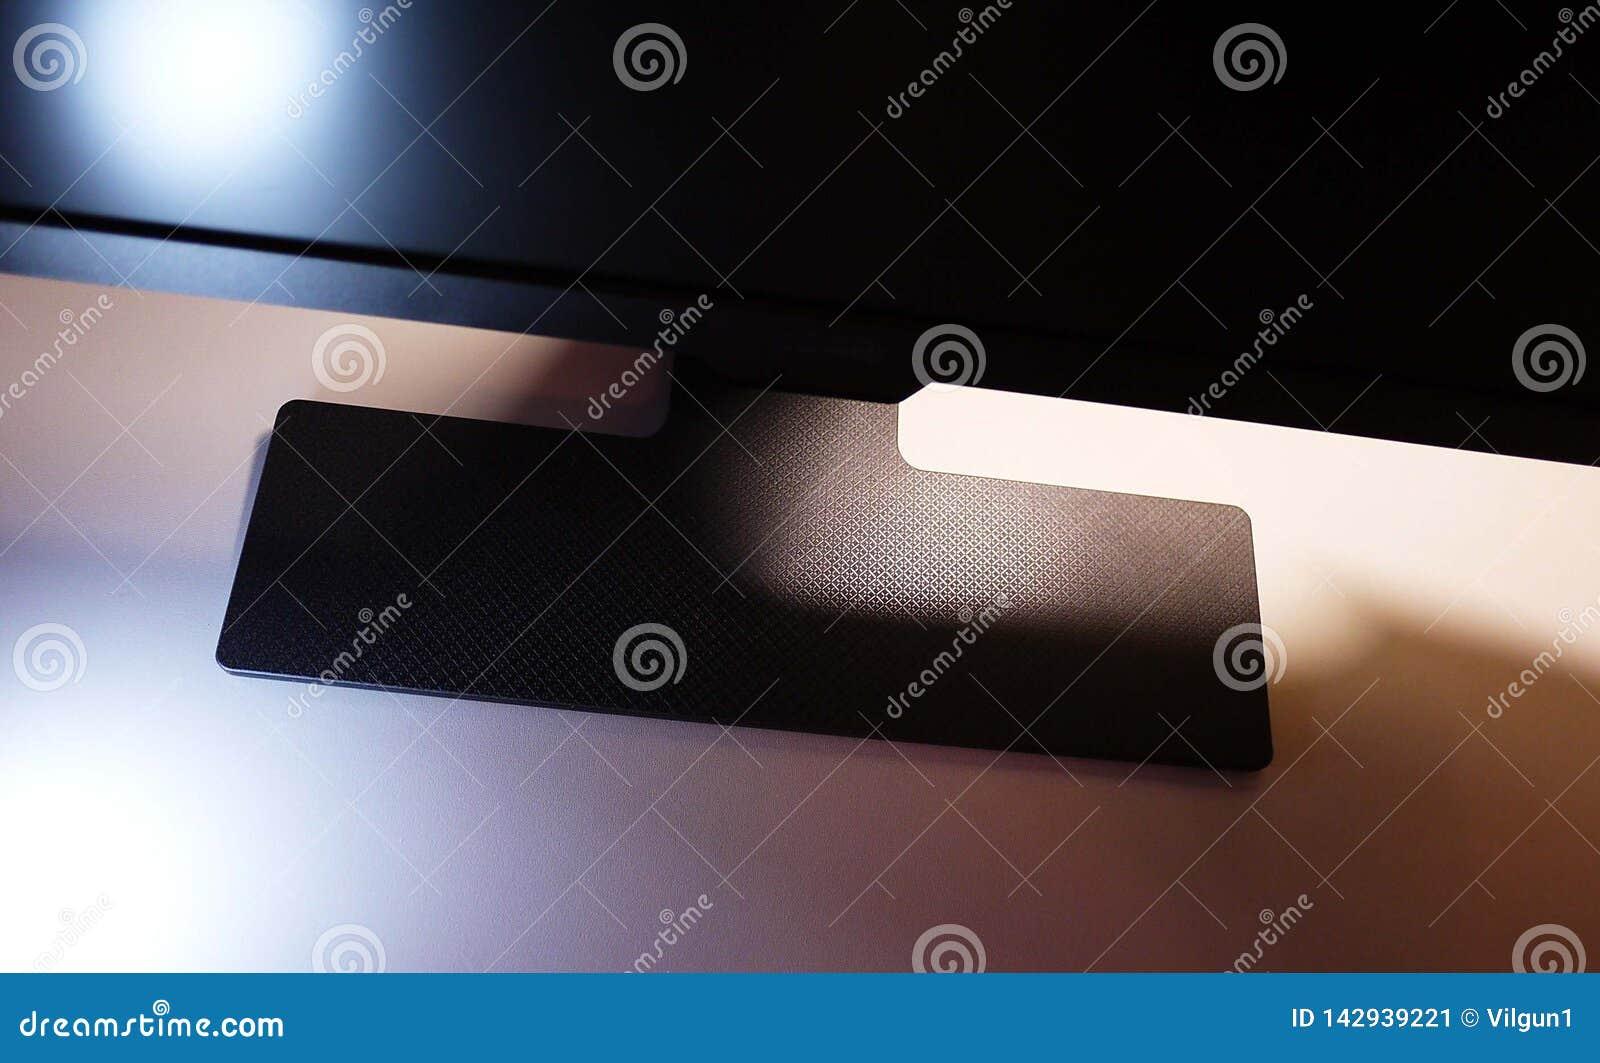 Bildskärm för LCD IPS för hemdator, skrivbord med en persondator och en bildskärm med ett stort diagonalt